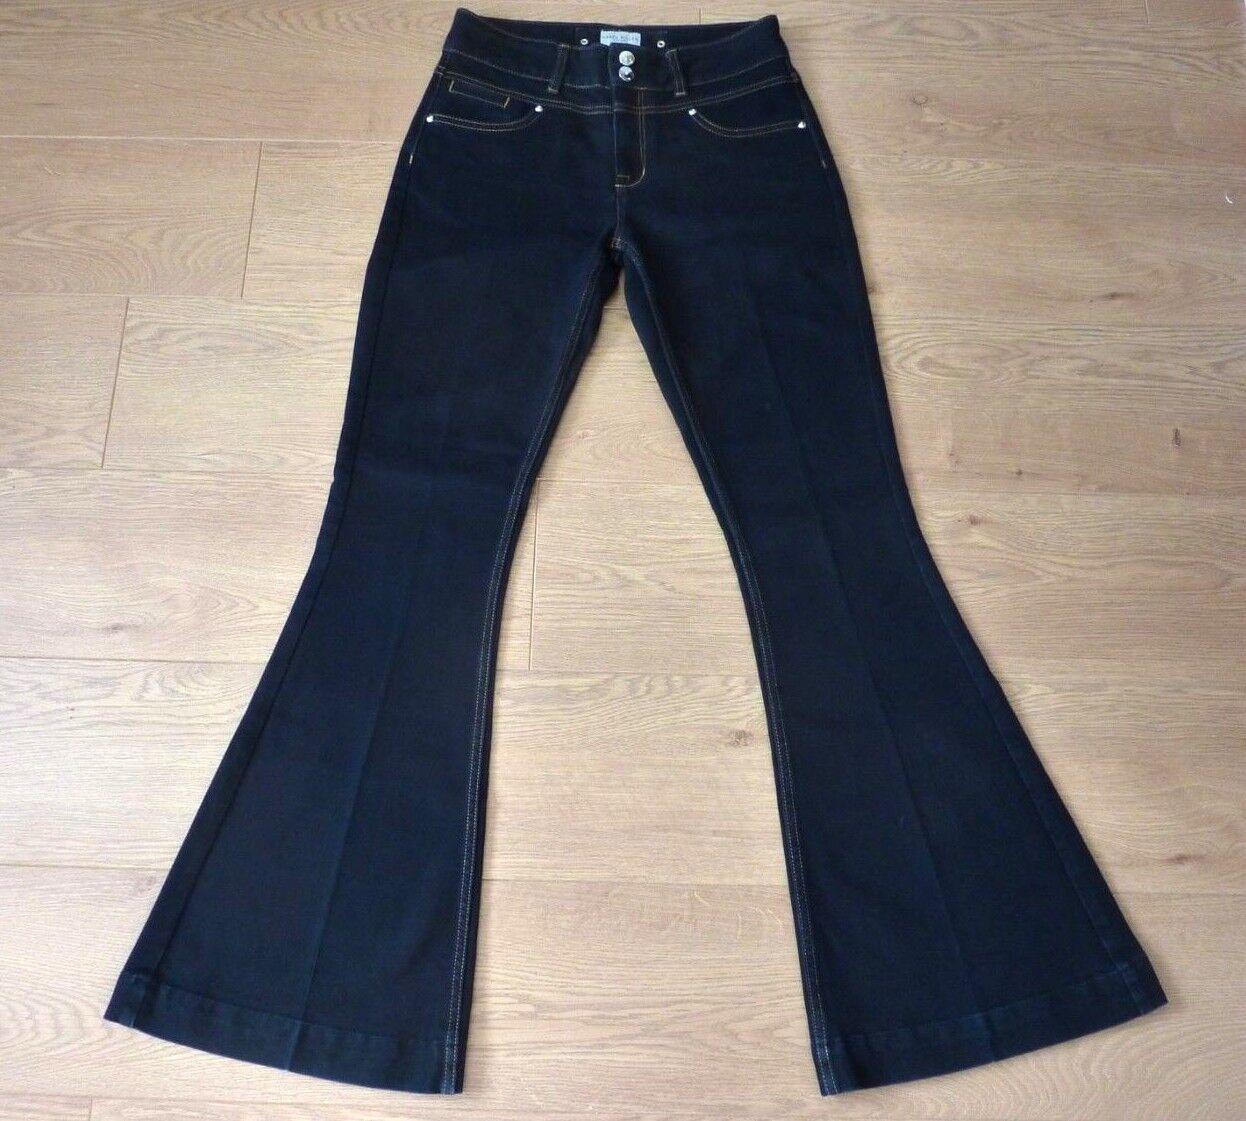 Karen Millen Ladies Double Button Flarot Dark Blau Jeans Größe UK 10 W28  L32